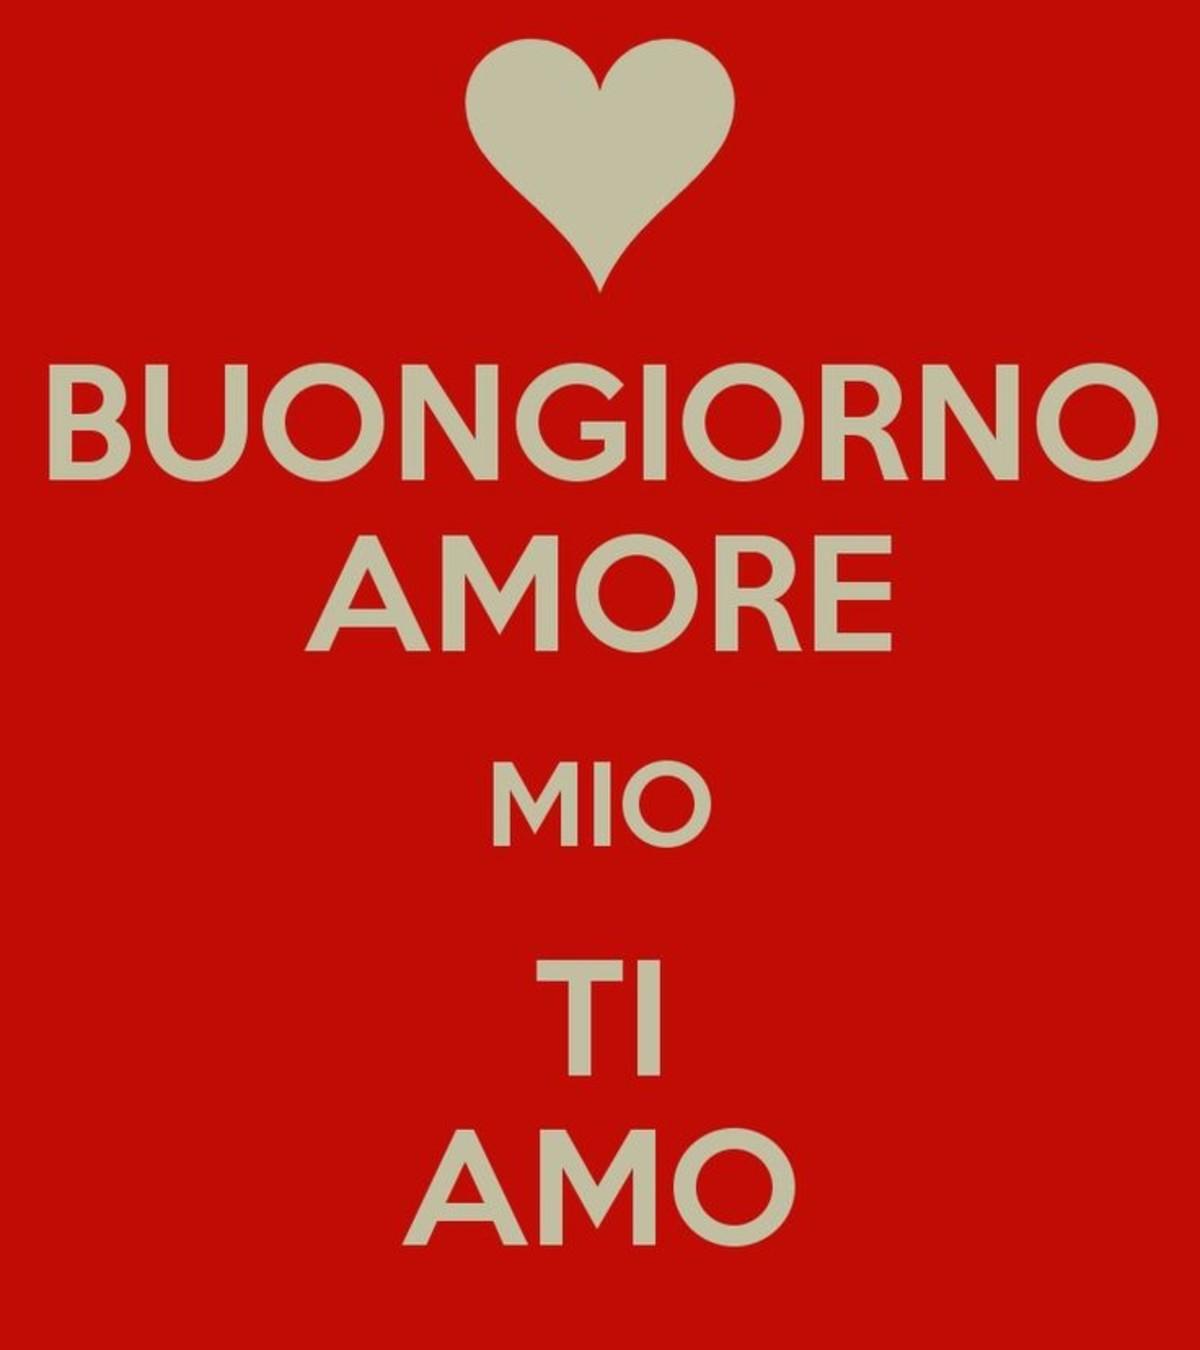 Buongiorno Amore Mio 4 Buongiornoate It